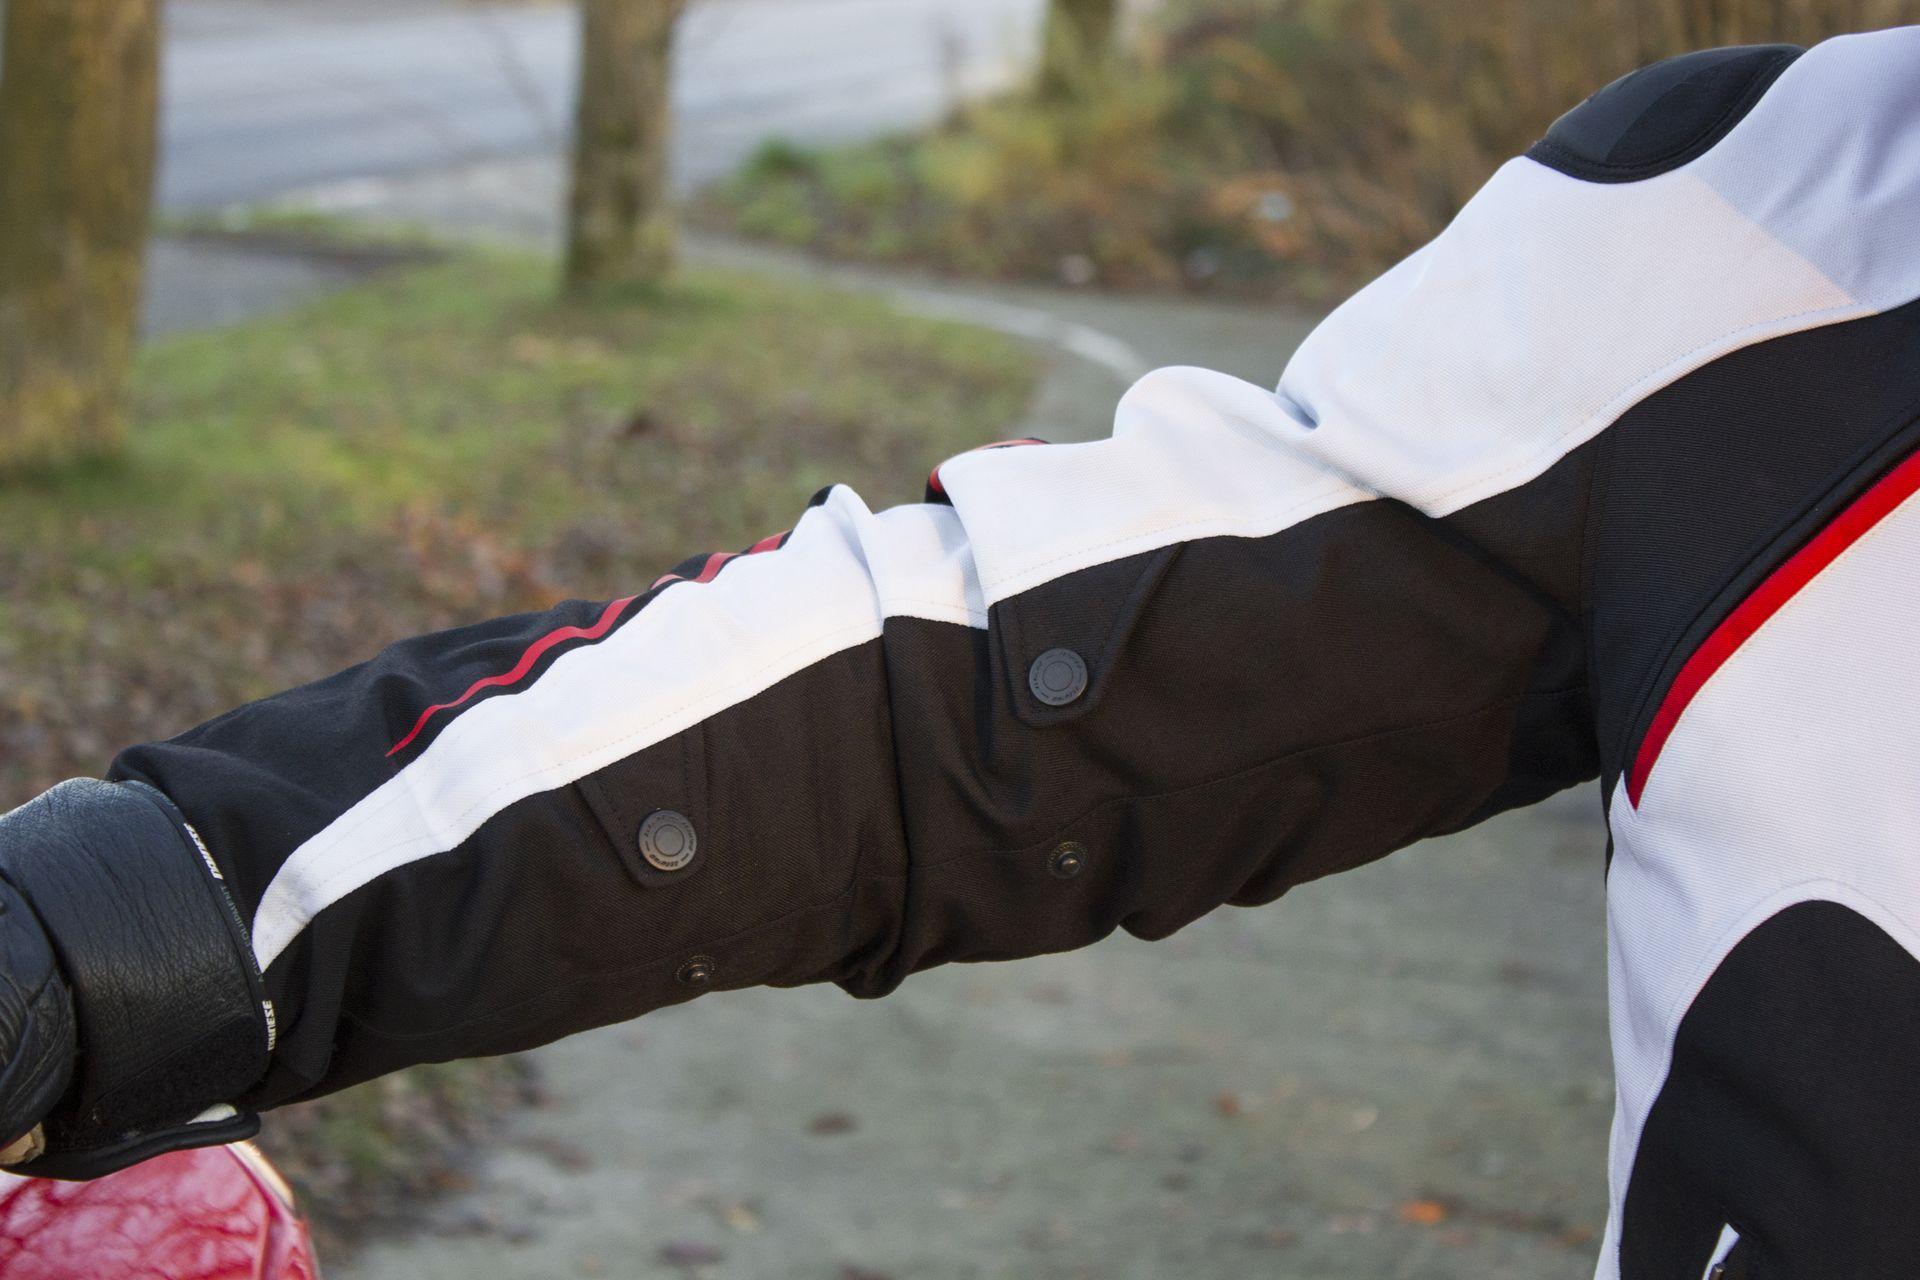 Dos ajustes de presión están presentes en cada manga, permitiendo